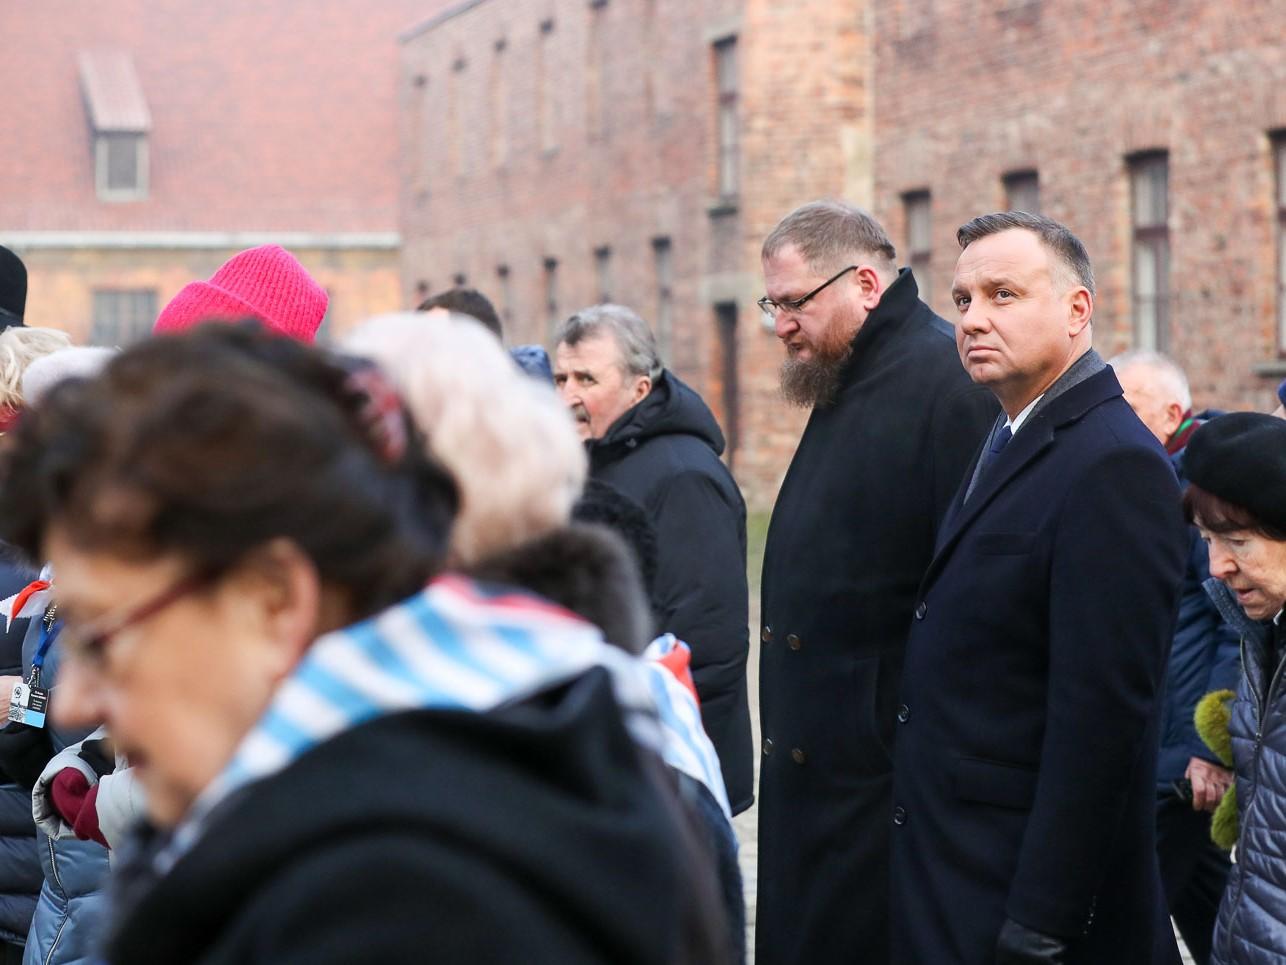 Przejście byłych więźniów, ich opiekunów oraz prezydenta Andrzeja Dudę i dyrektora Muzeum Auschwitz-Birkenau Piotra Cywińskiego przed Ścianę Śmierci 27 stycznia 2020 roku